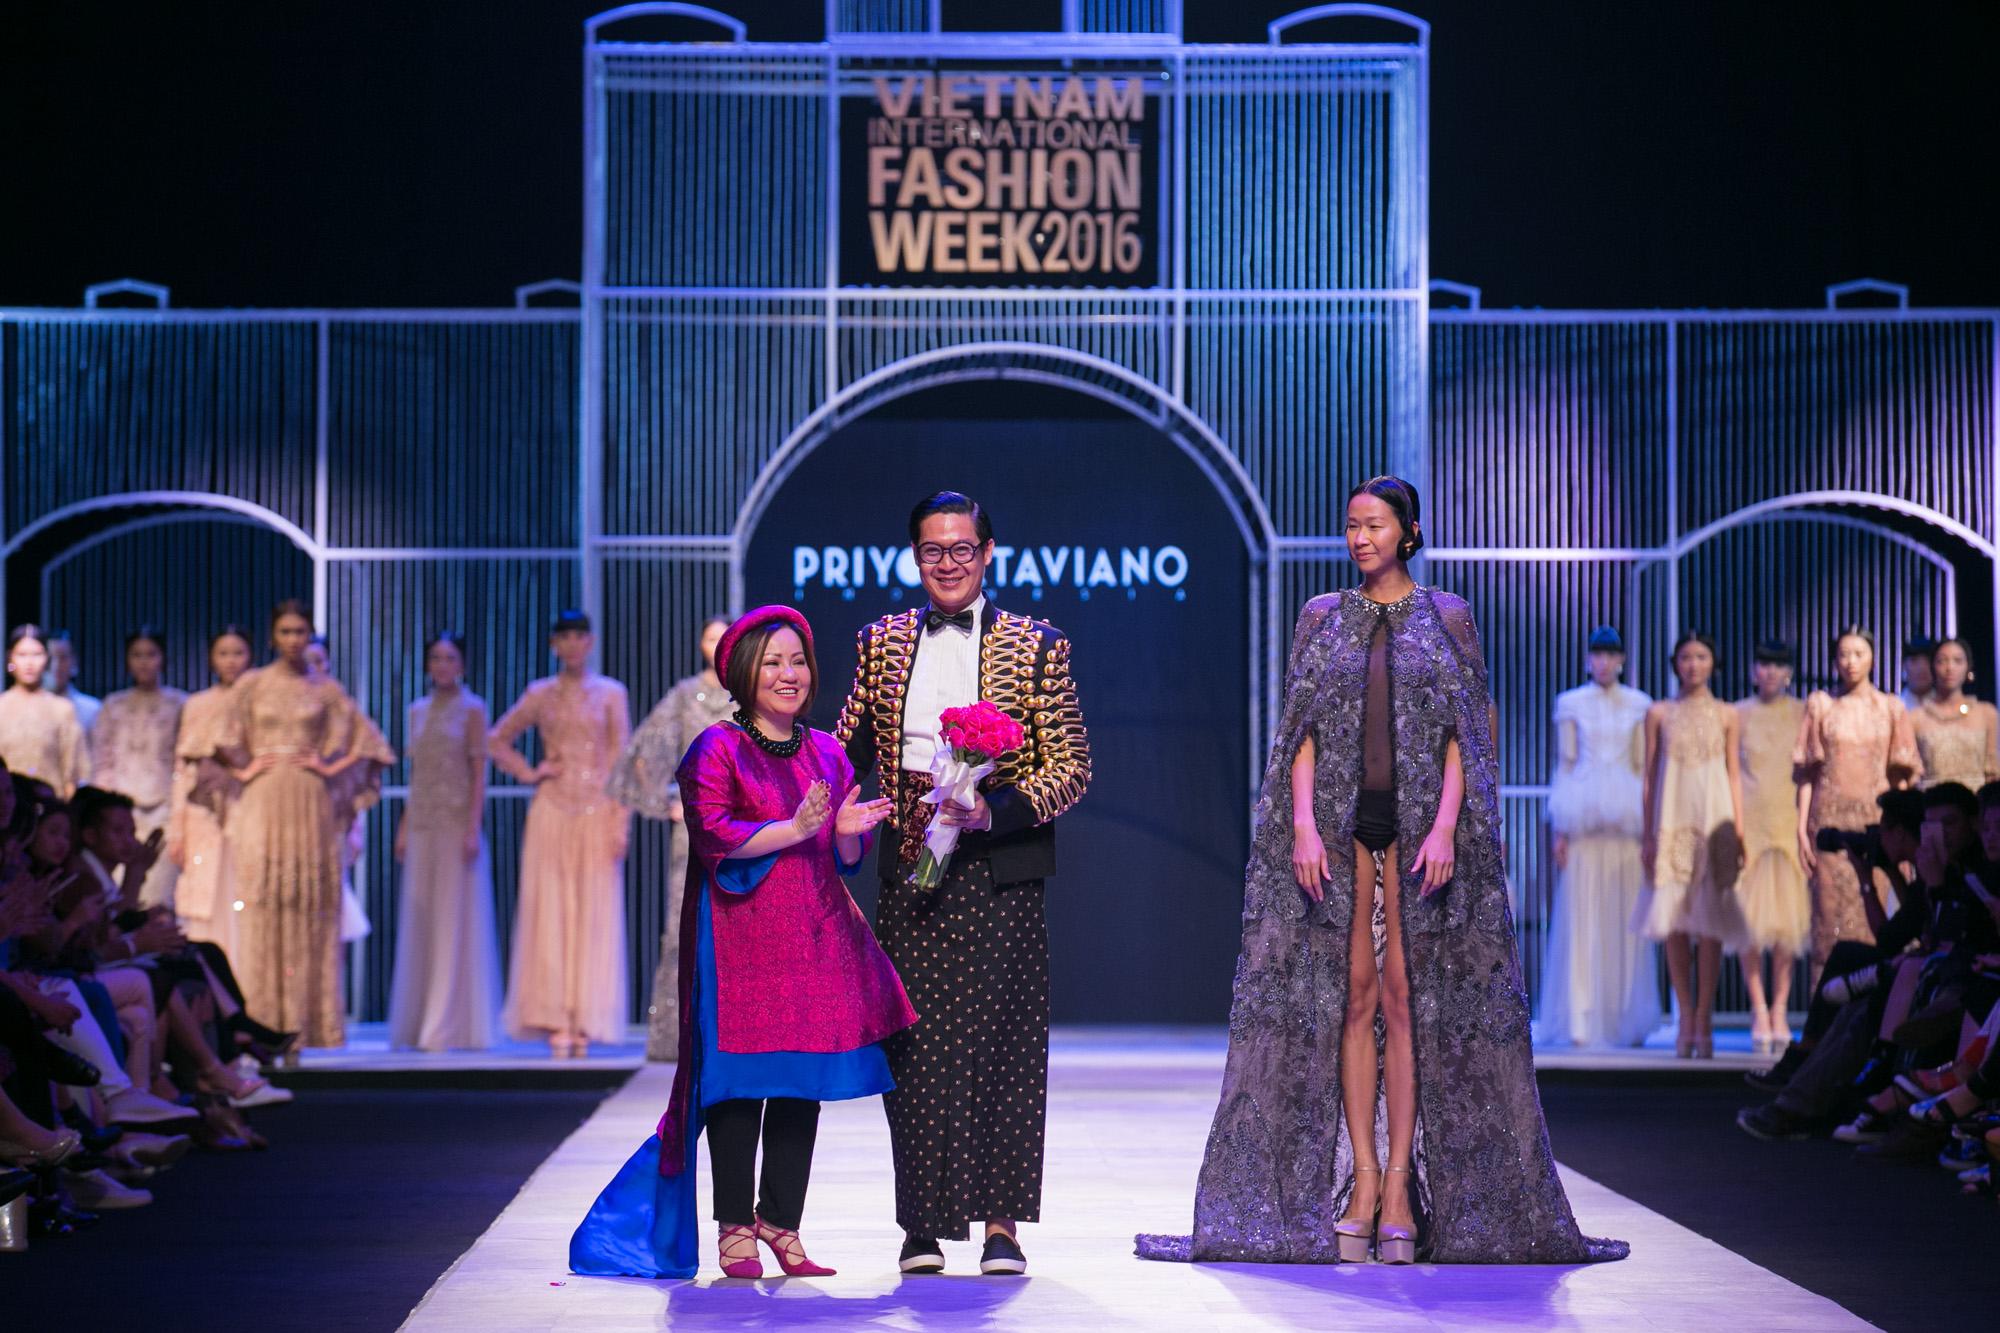 Chi Pu kiêu kì dắt cún trình diễn thời trang trên sàn diễn VIFW - Ảnh 68.